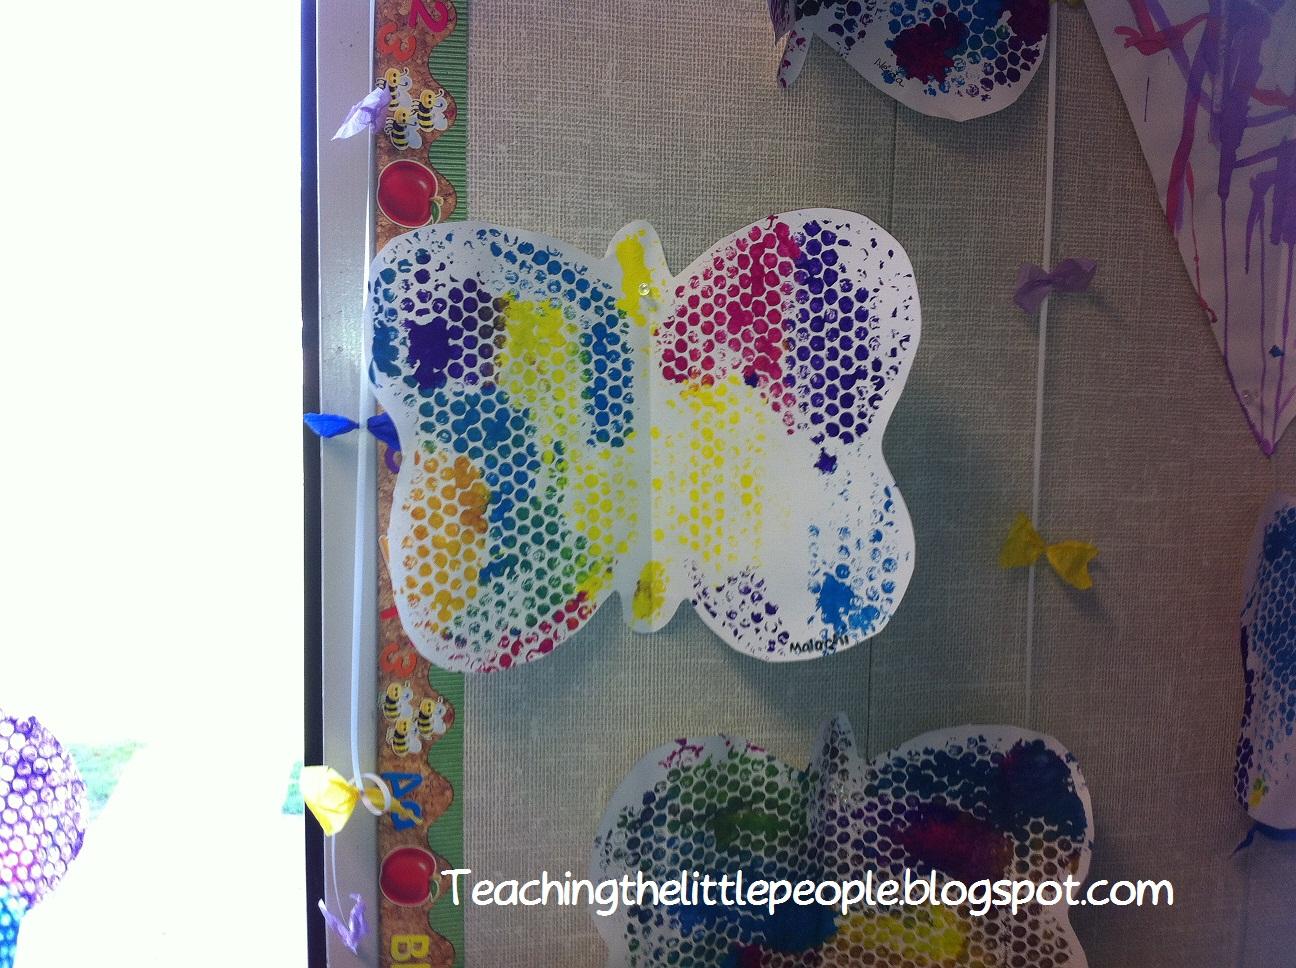 Teaching The Little People Bubble Wrap Butterflies In